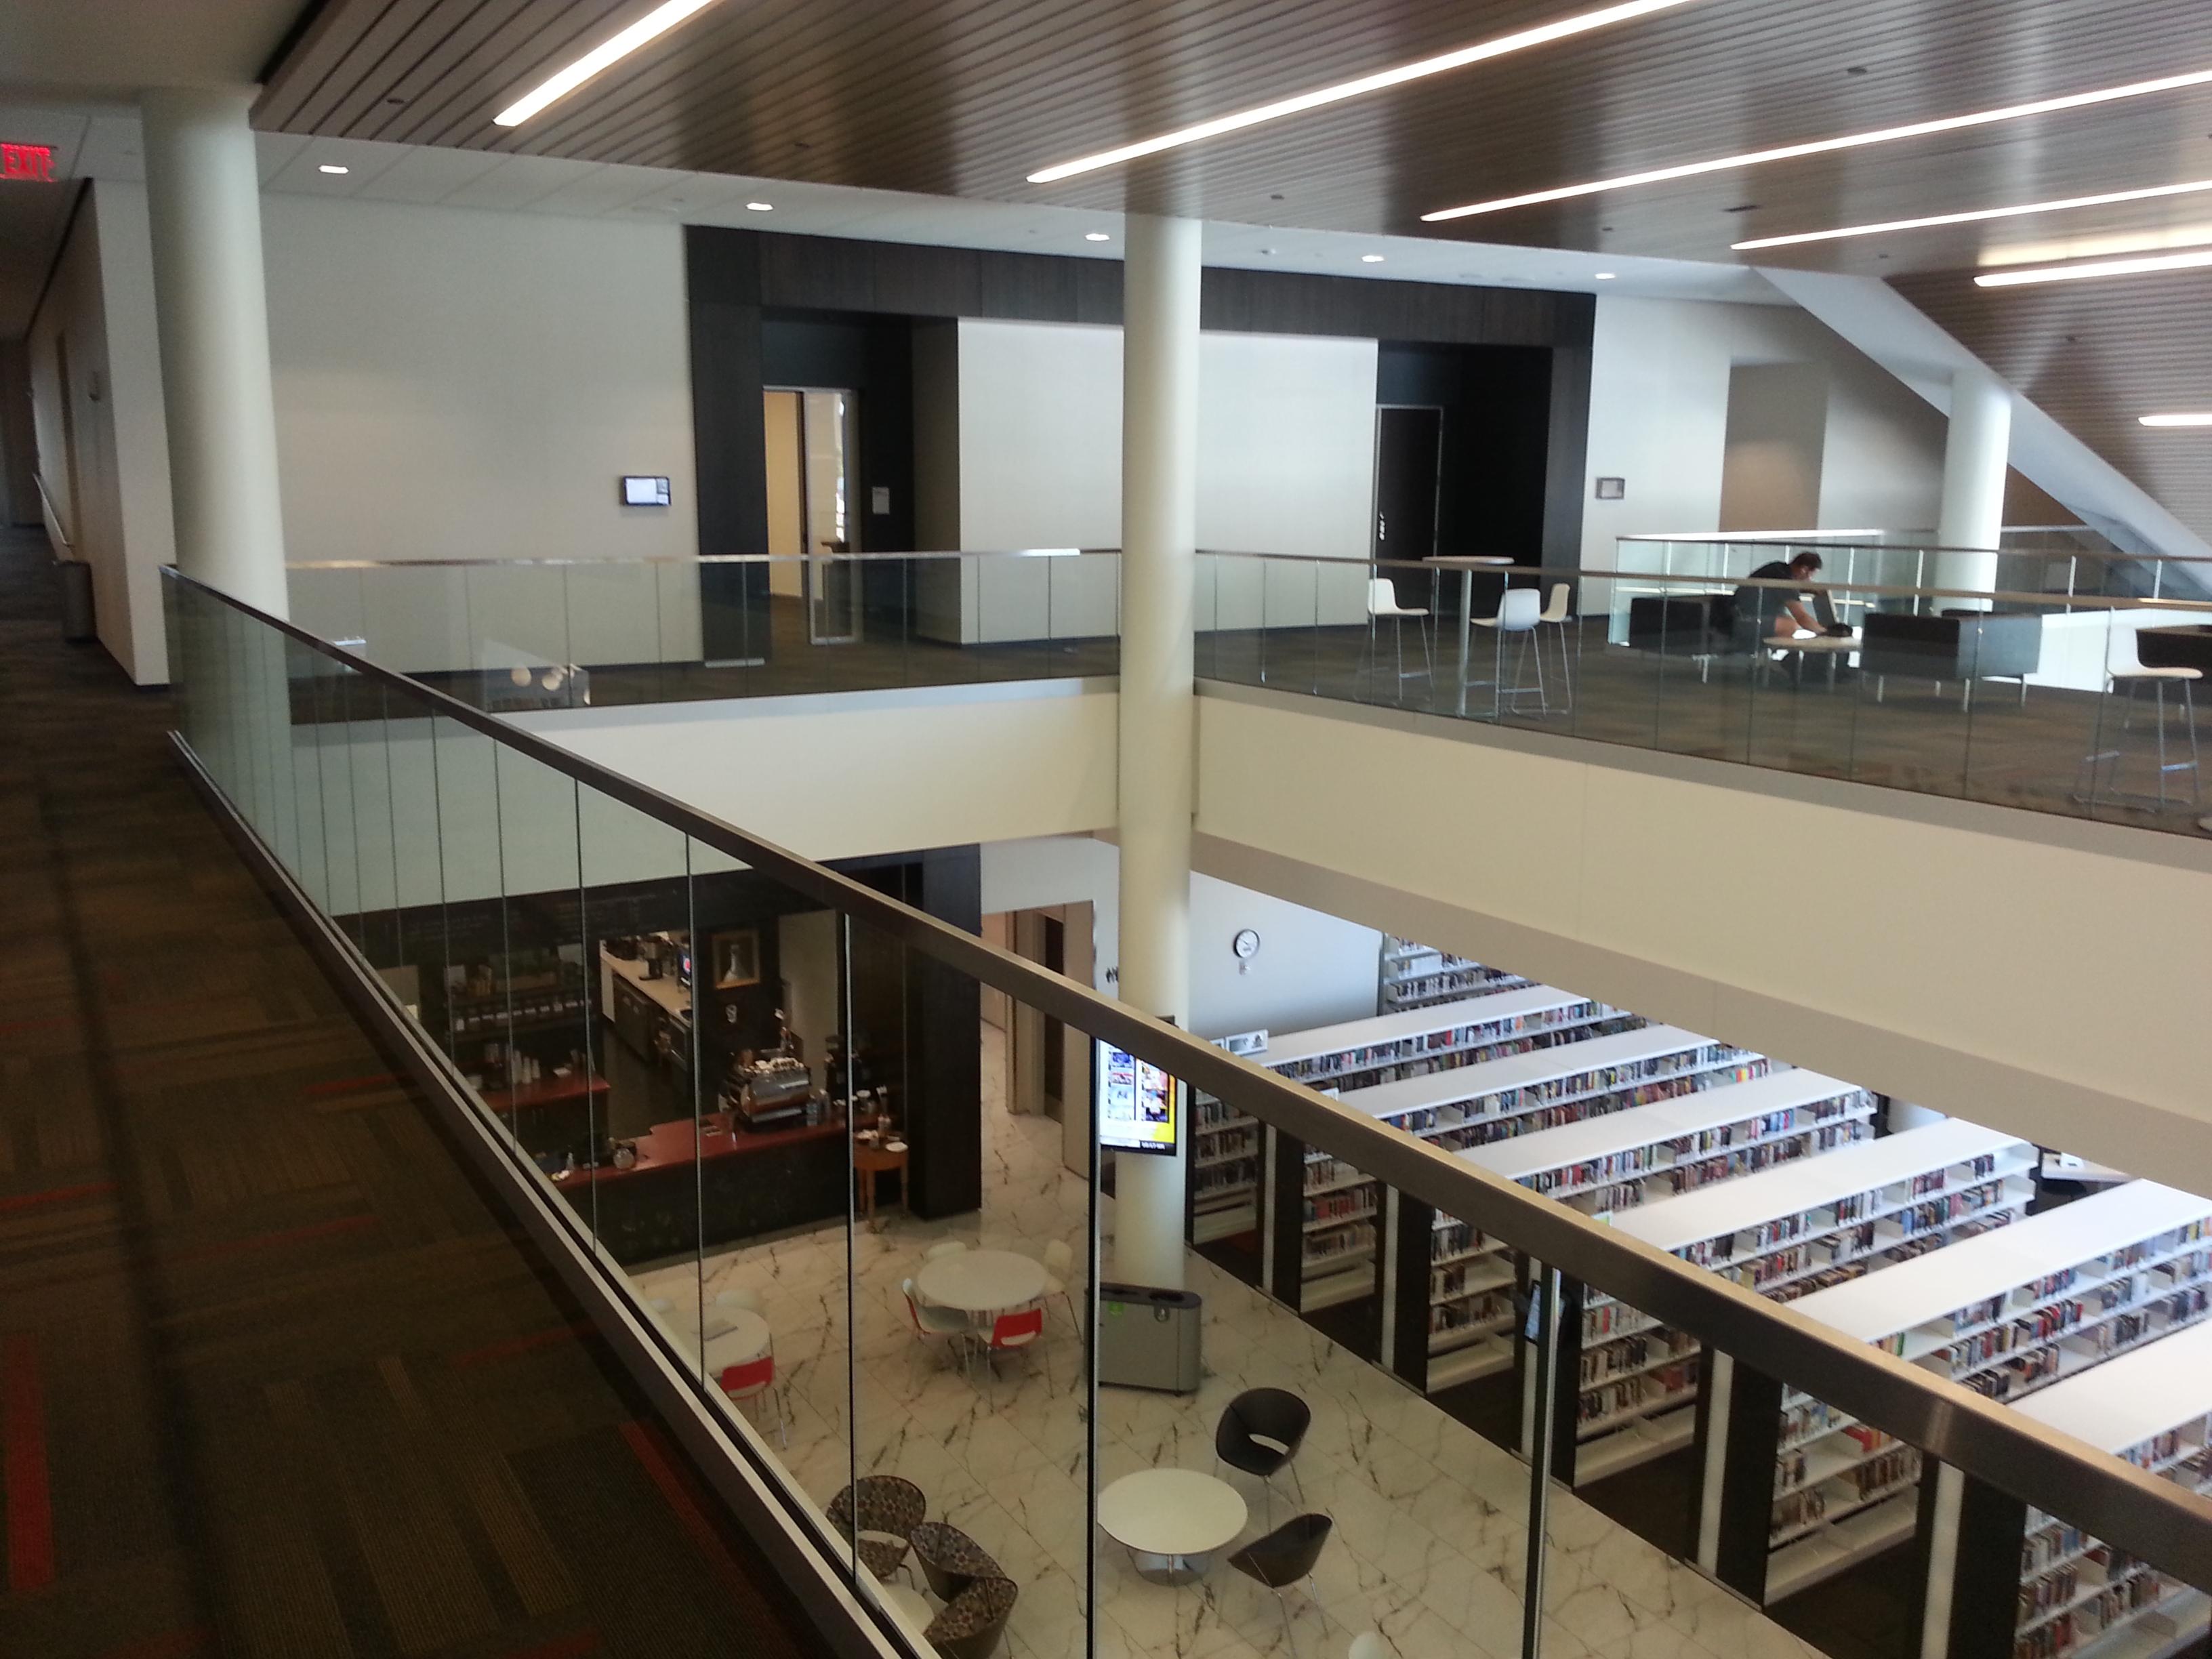 cedar_rapids_library-1